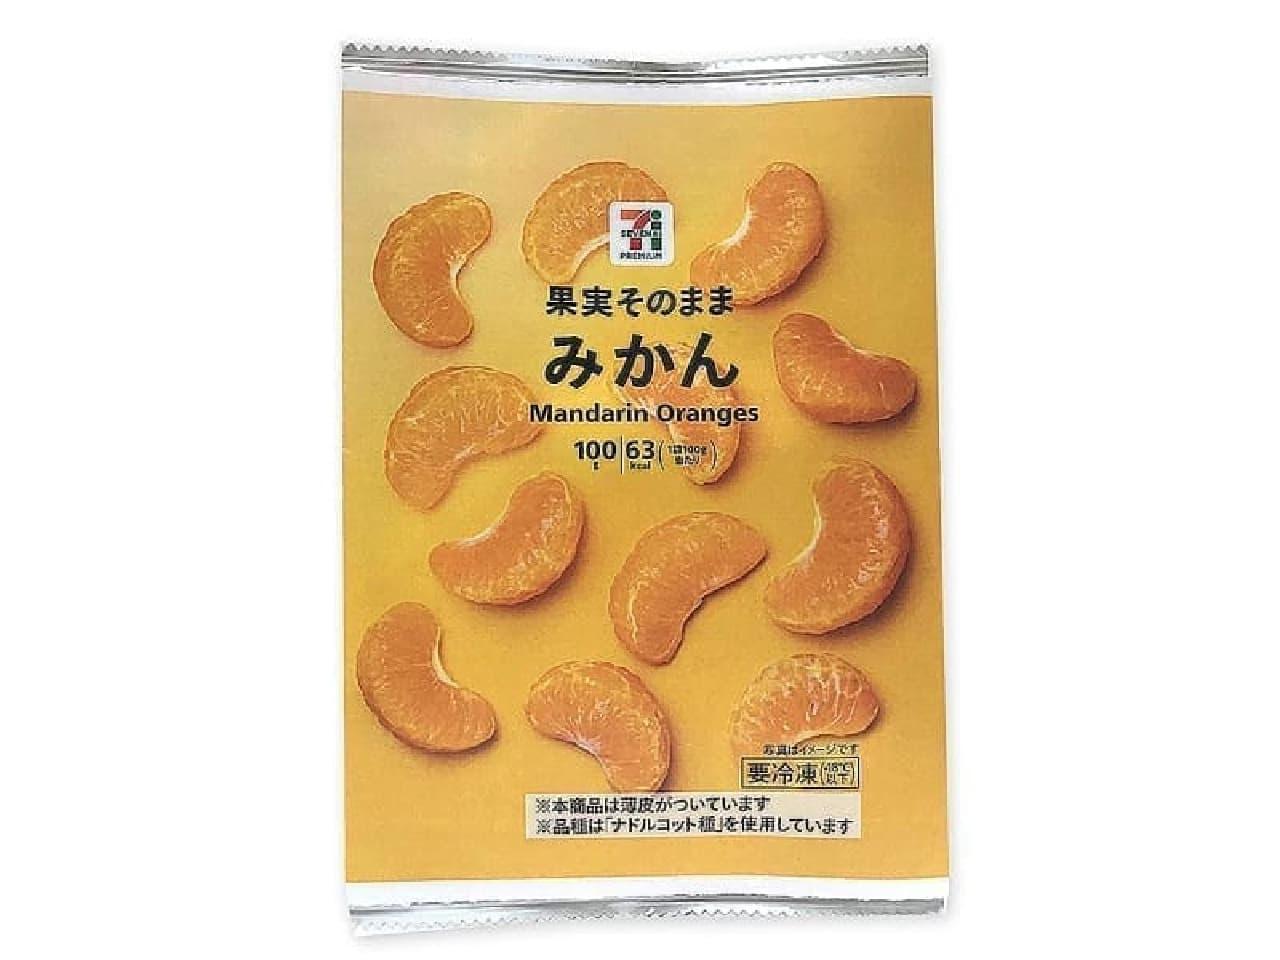 冷凍フルーツ「セブンプレミアム みかん」